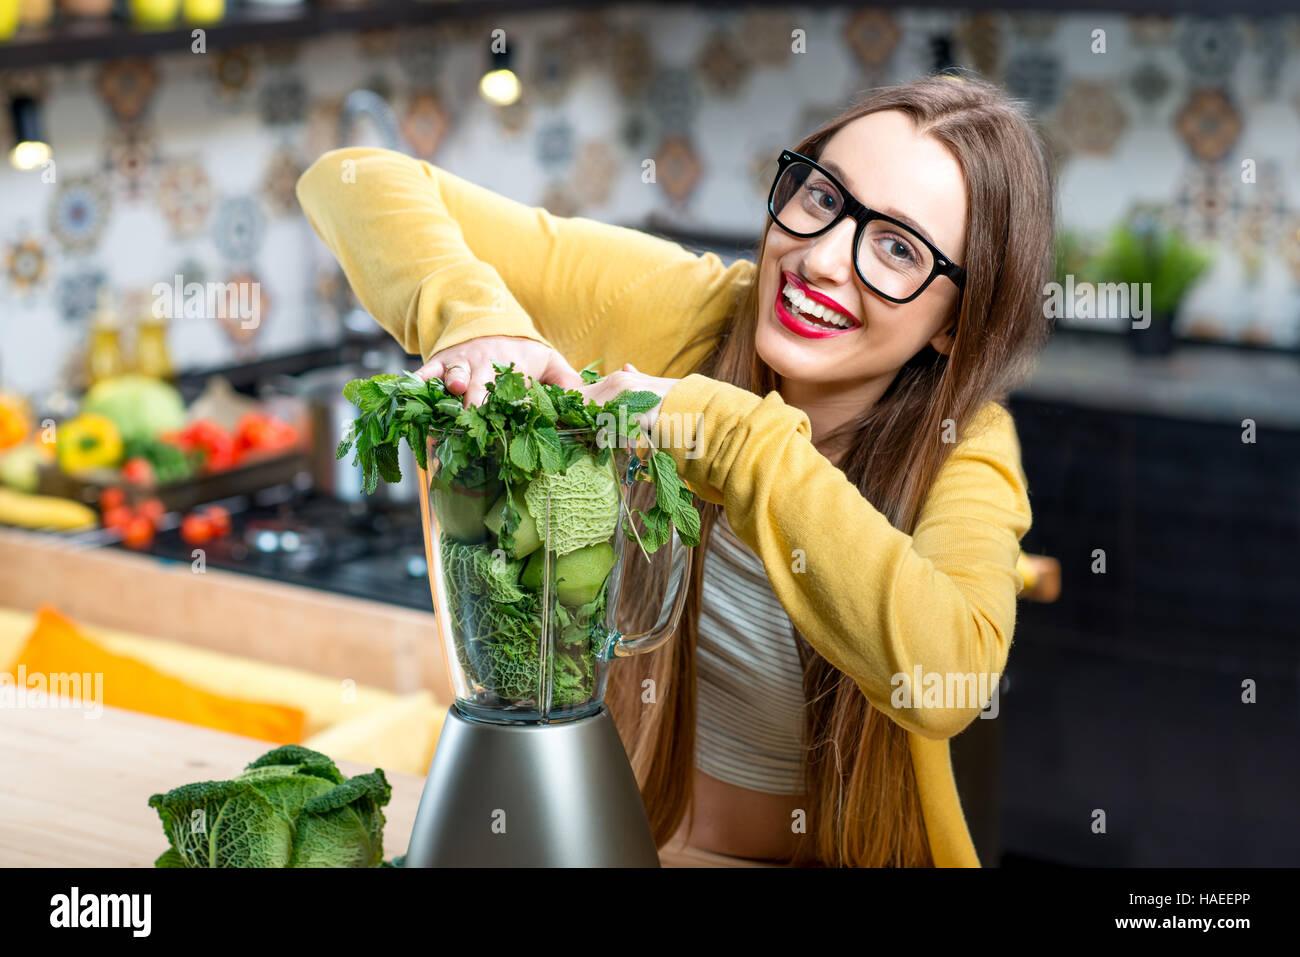 Smoothie Woman Photo Stock